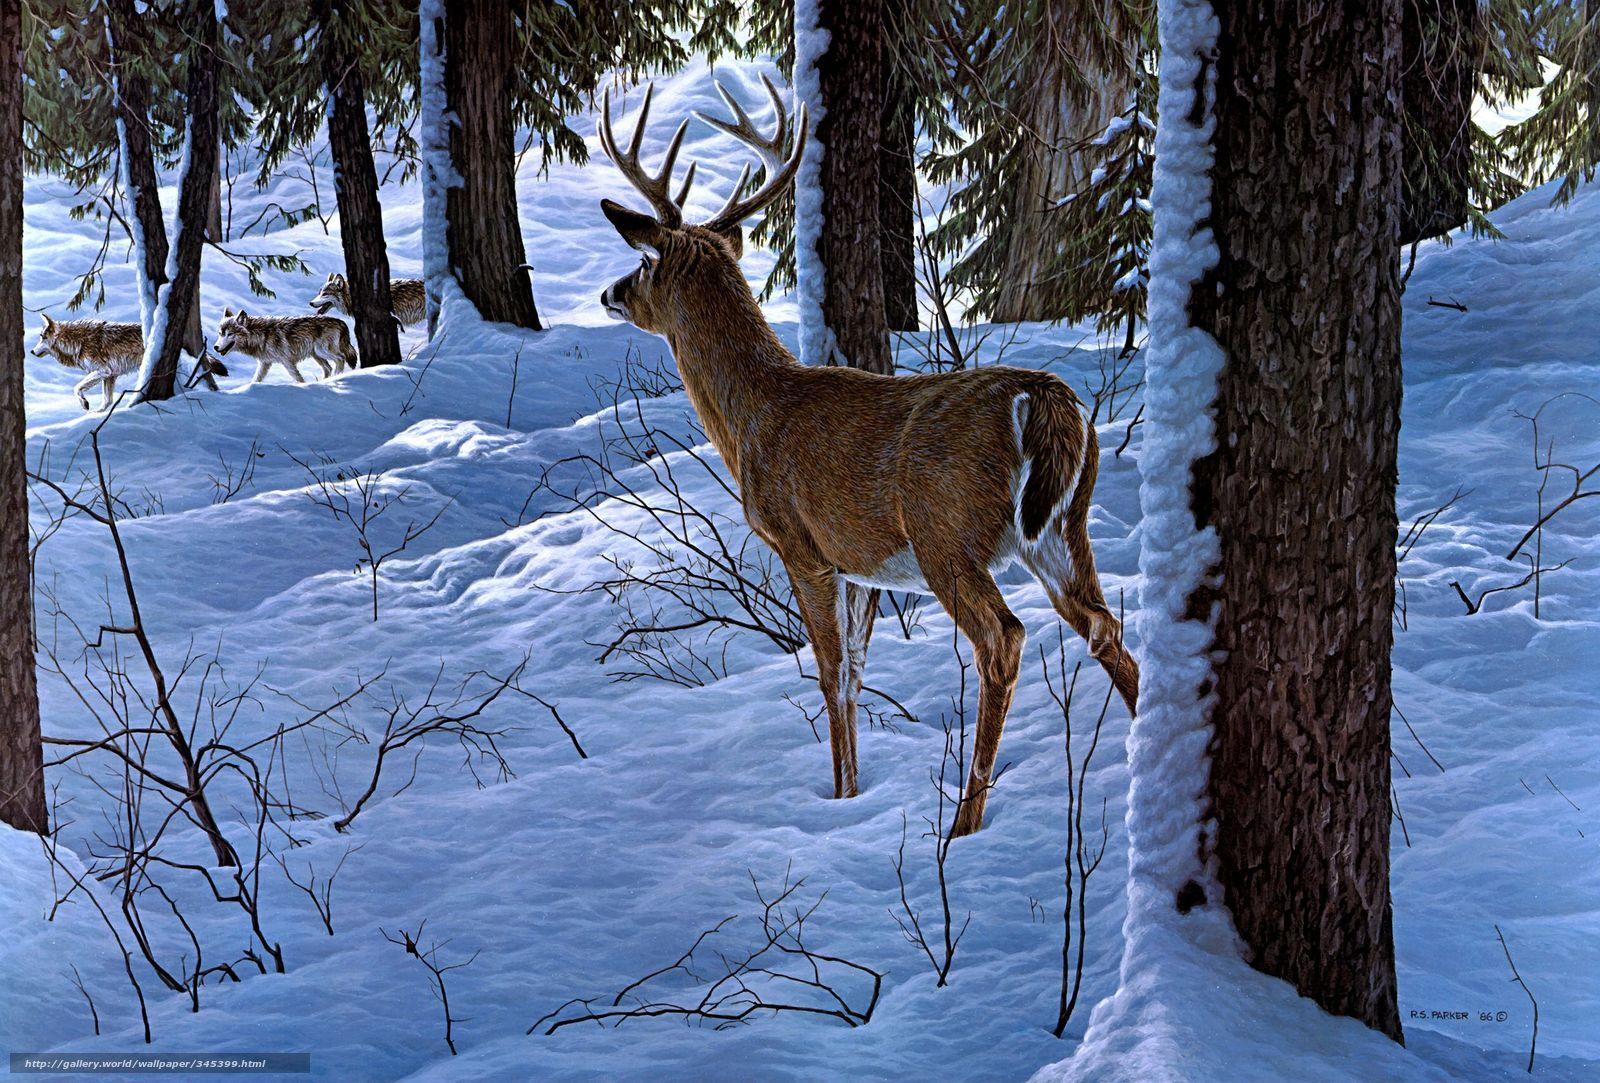 Descargar Gratis Ron S Parker Invierno Bosque Nieve Fondos De Escritorio En La Resolucin 2528x1711 Imagen 345399